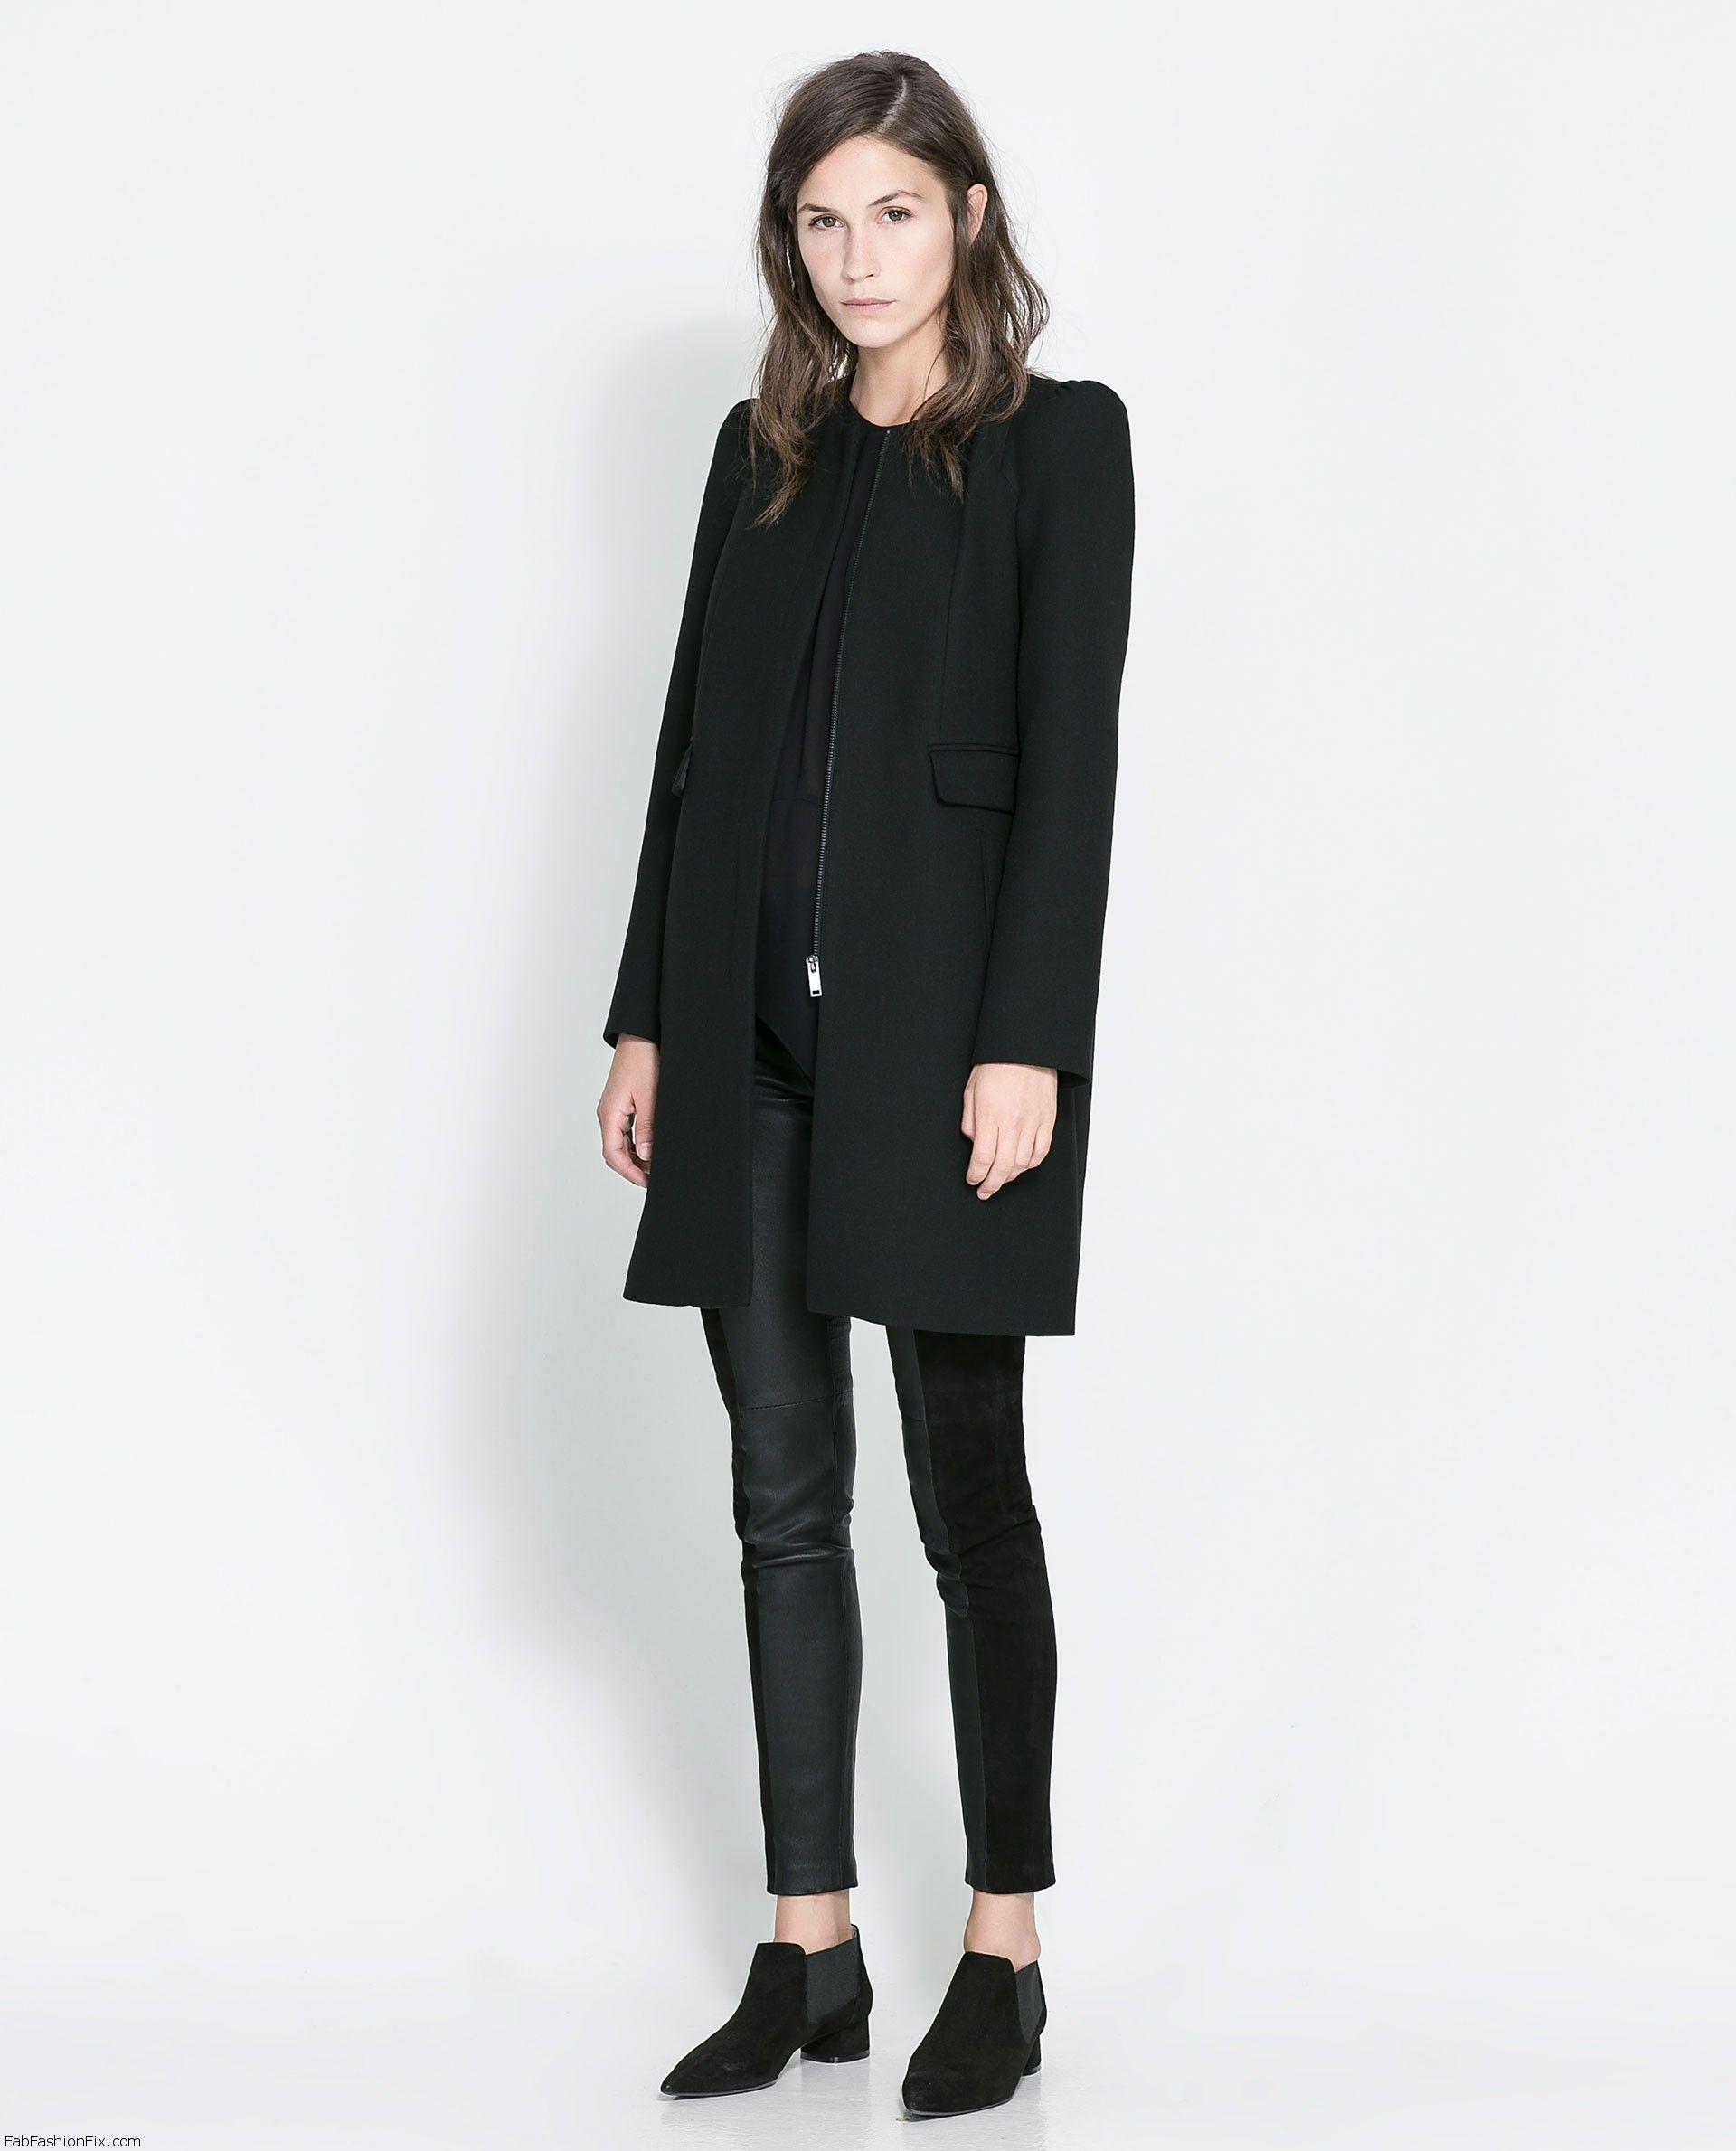 Zara Coats Jackets For Fall Winter 2013 Fab Fashion Fix Fashion Style Zara Coat [ 2379 x 1920 Pixel ]